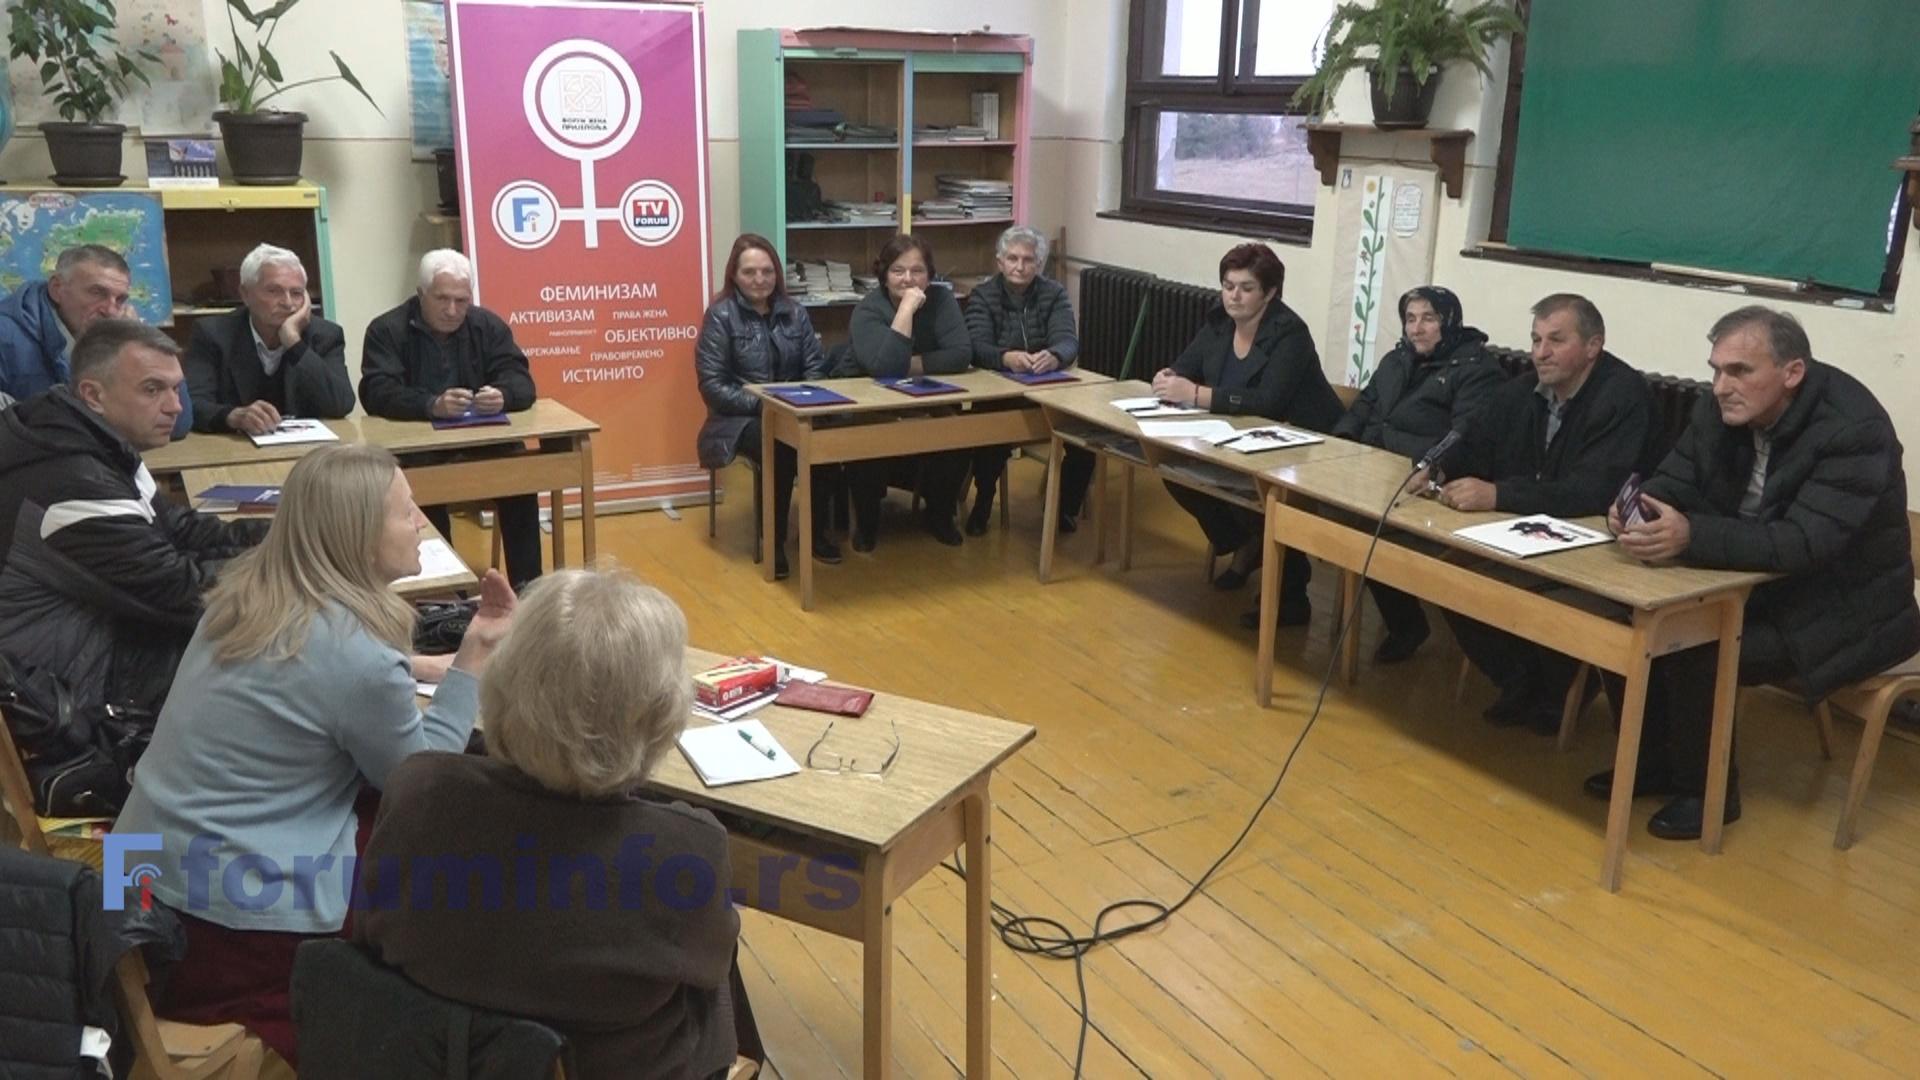 Састанак у МЗ Јабука: Жене би да се питају и одлучују